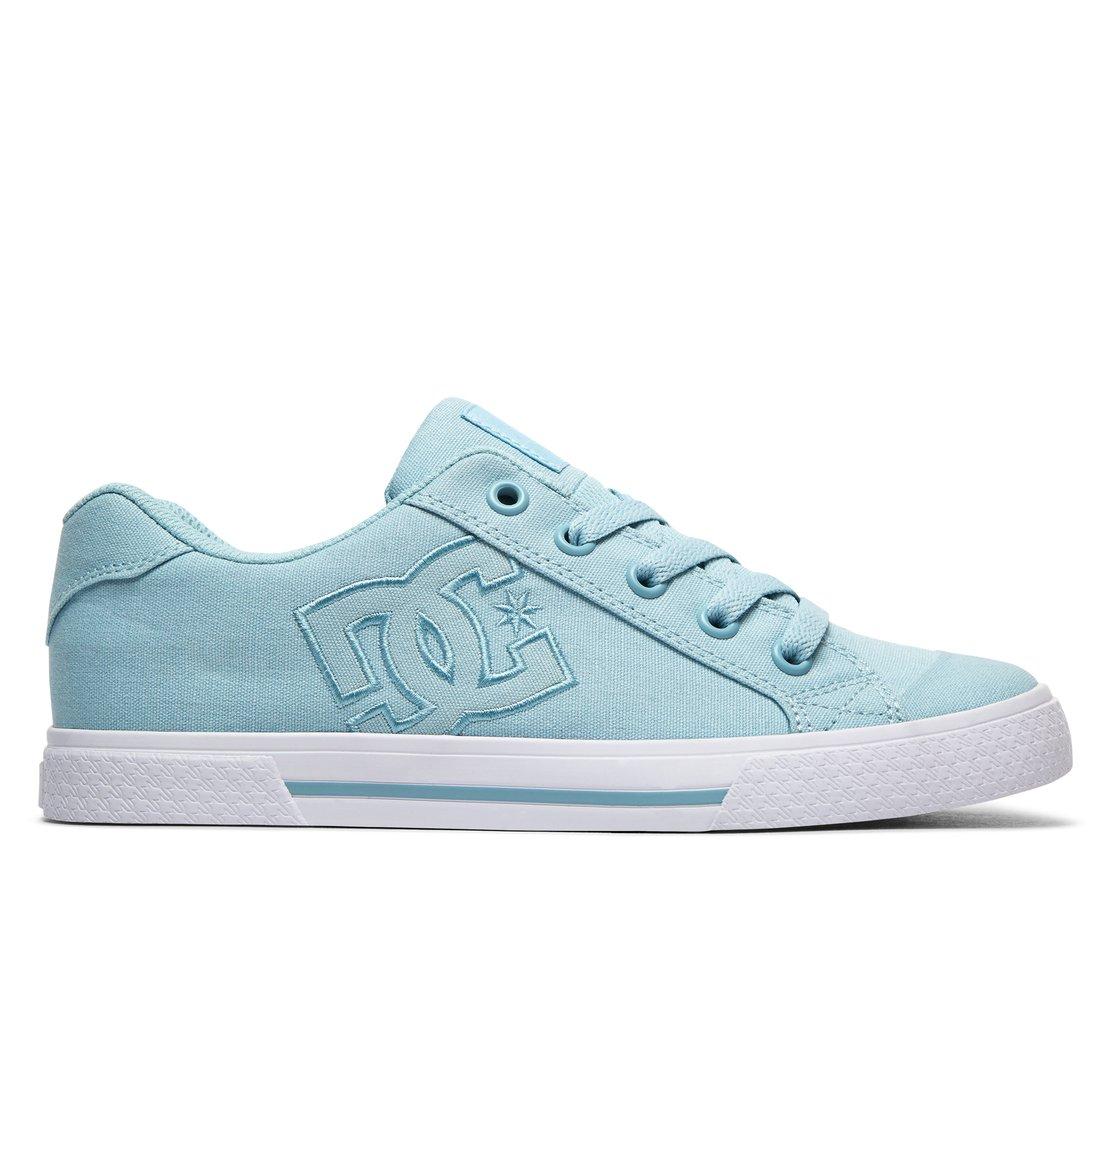 Zapatillas de skate Chelsea TX para mujer, Aqua, 6.5 B US